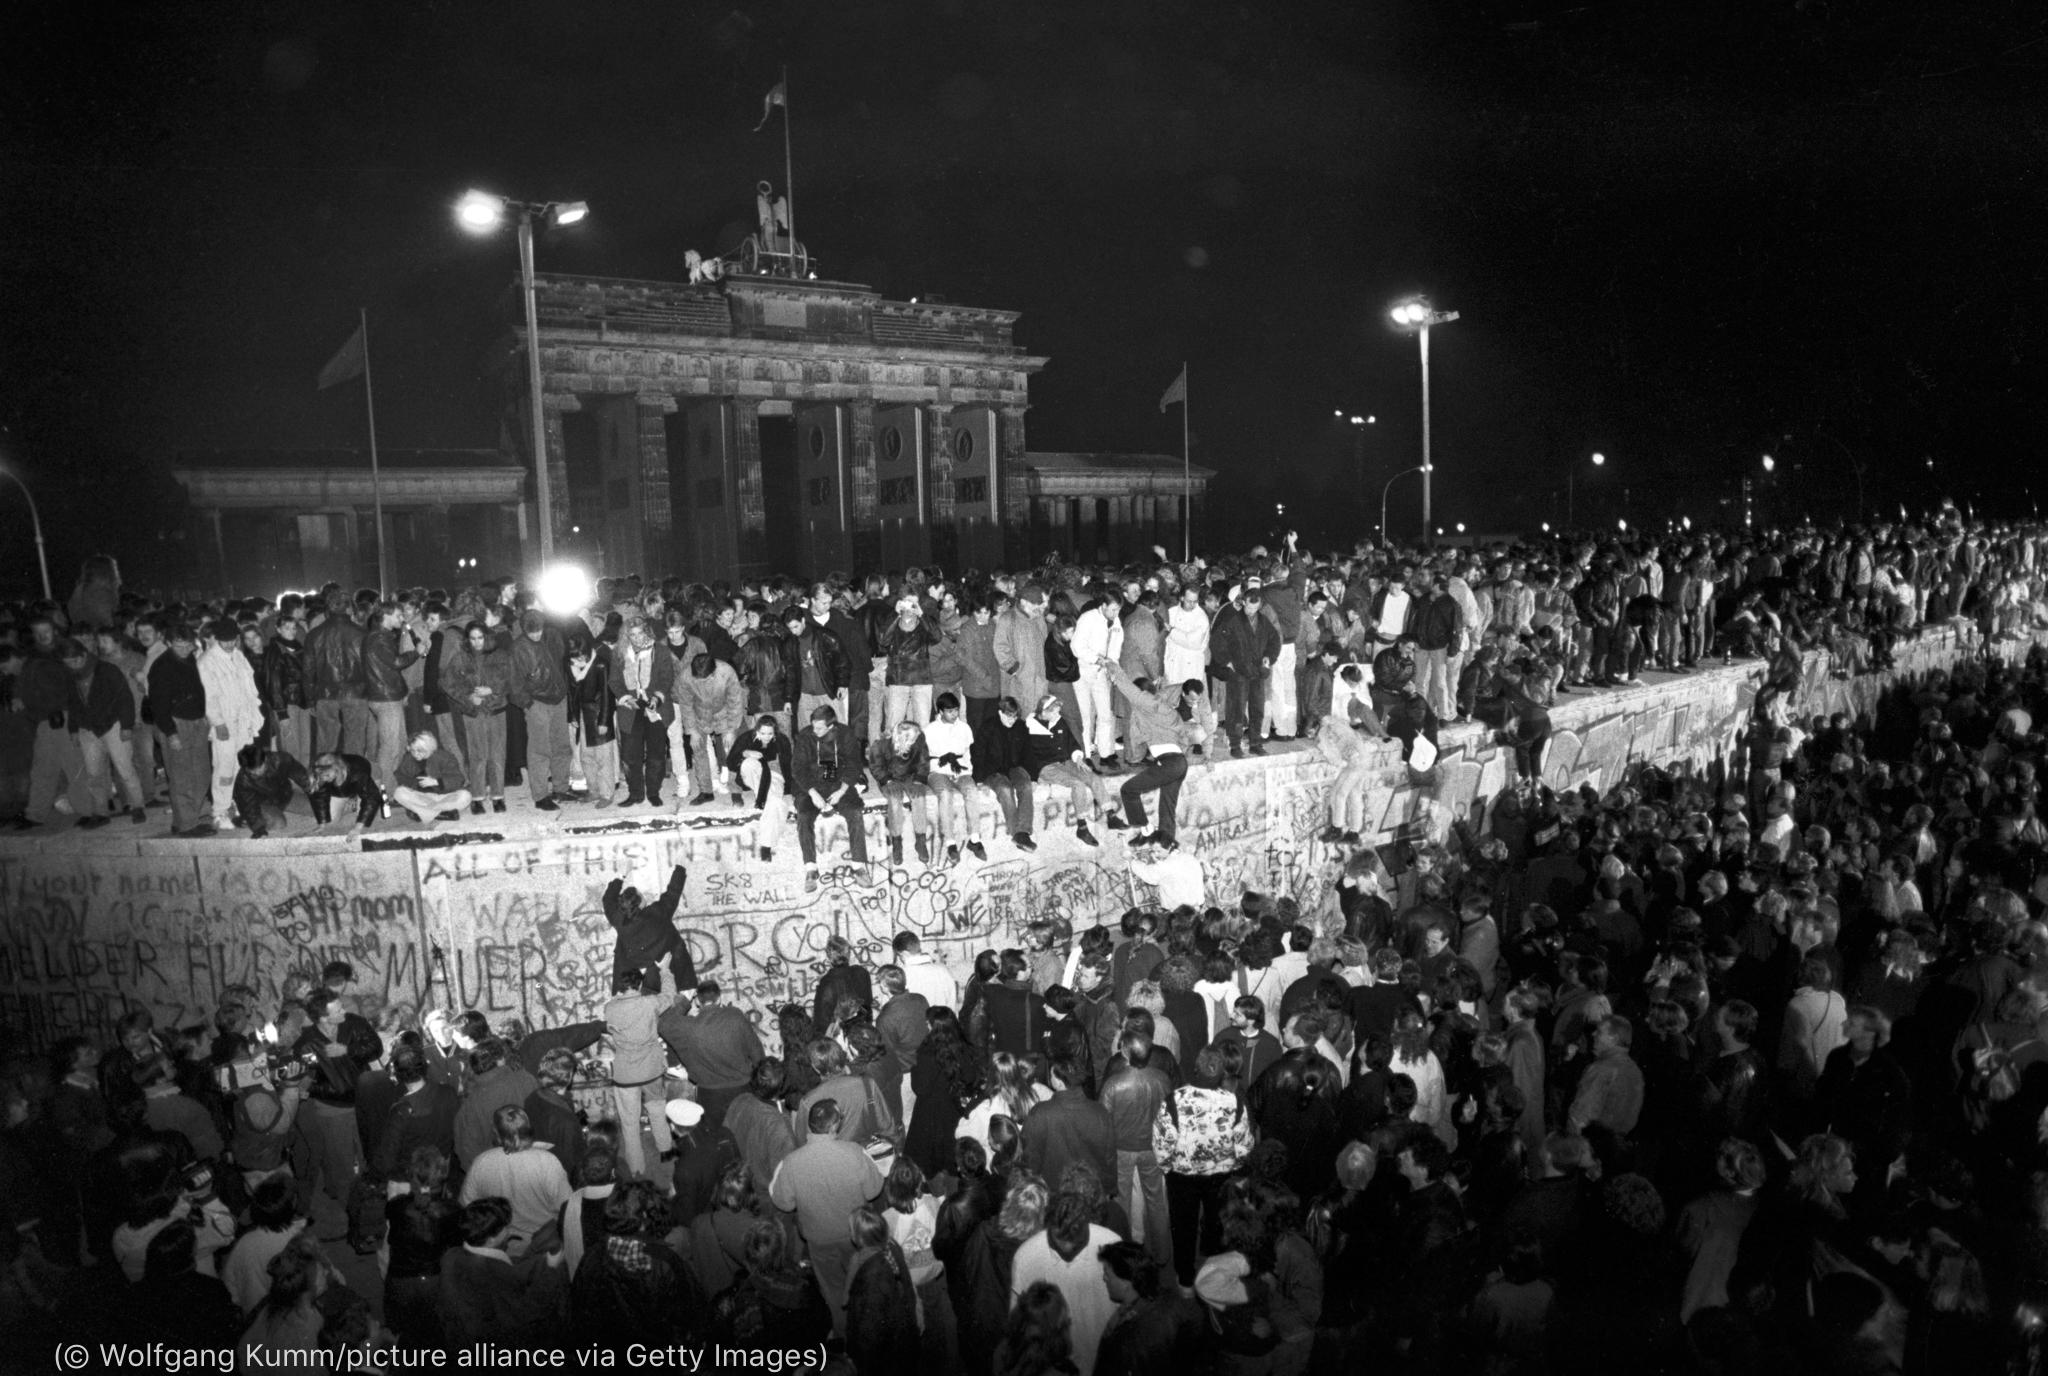 Une grande foule en liesse devant le mur de Berlin, avec de nombreuses personnes debout sur le mur (© Wolfgang Kumm/picture alliance via Getty Images)